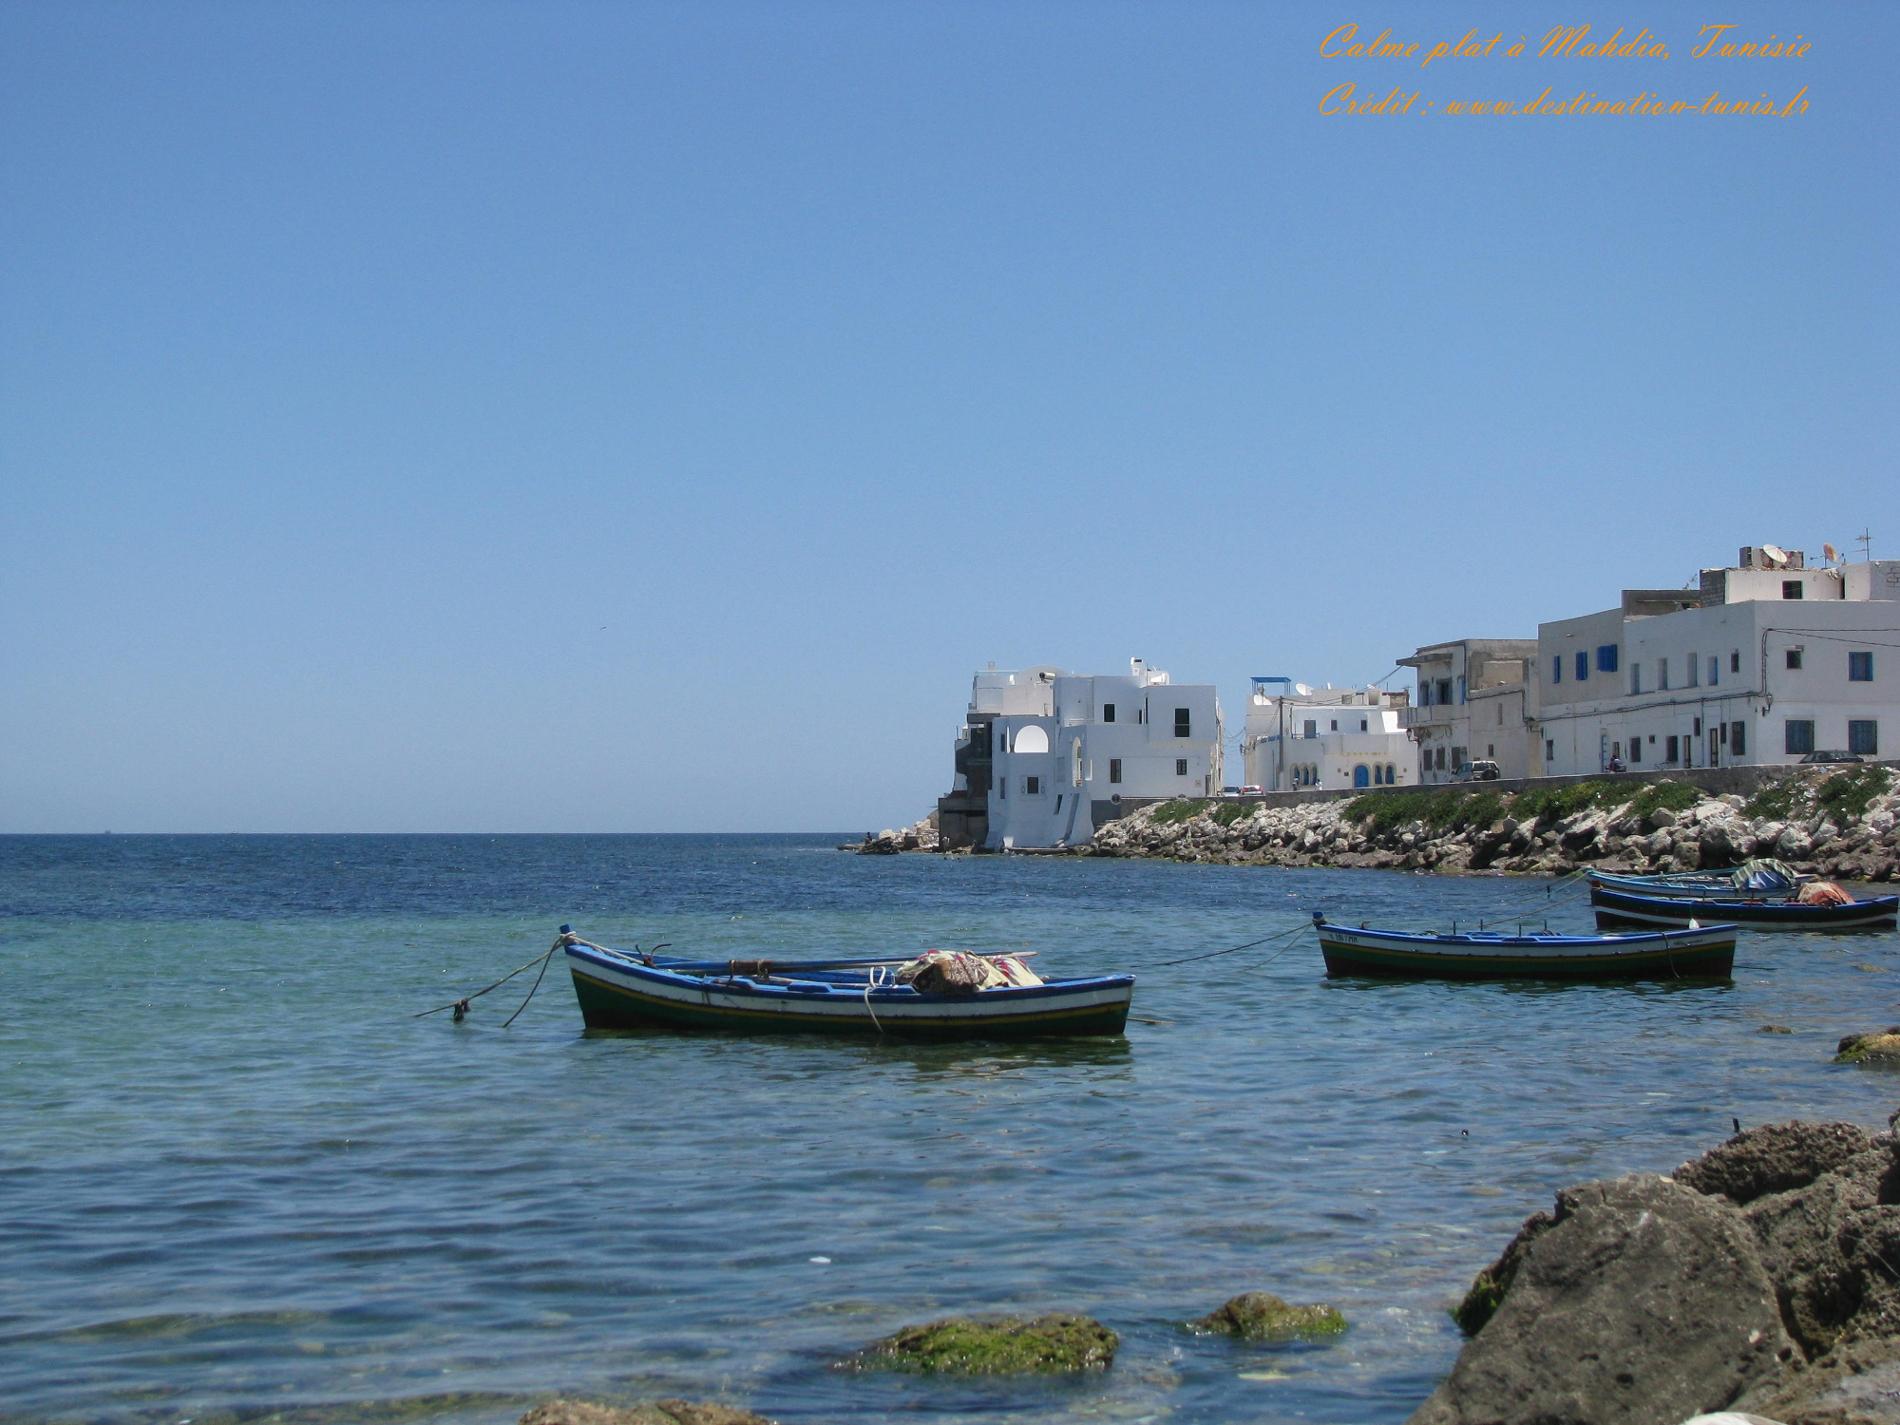 Fonds d'écran Mer et Plages Mer Mahdia Tunisie